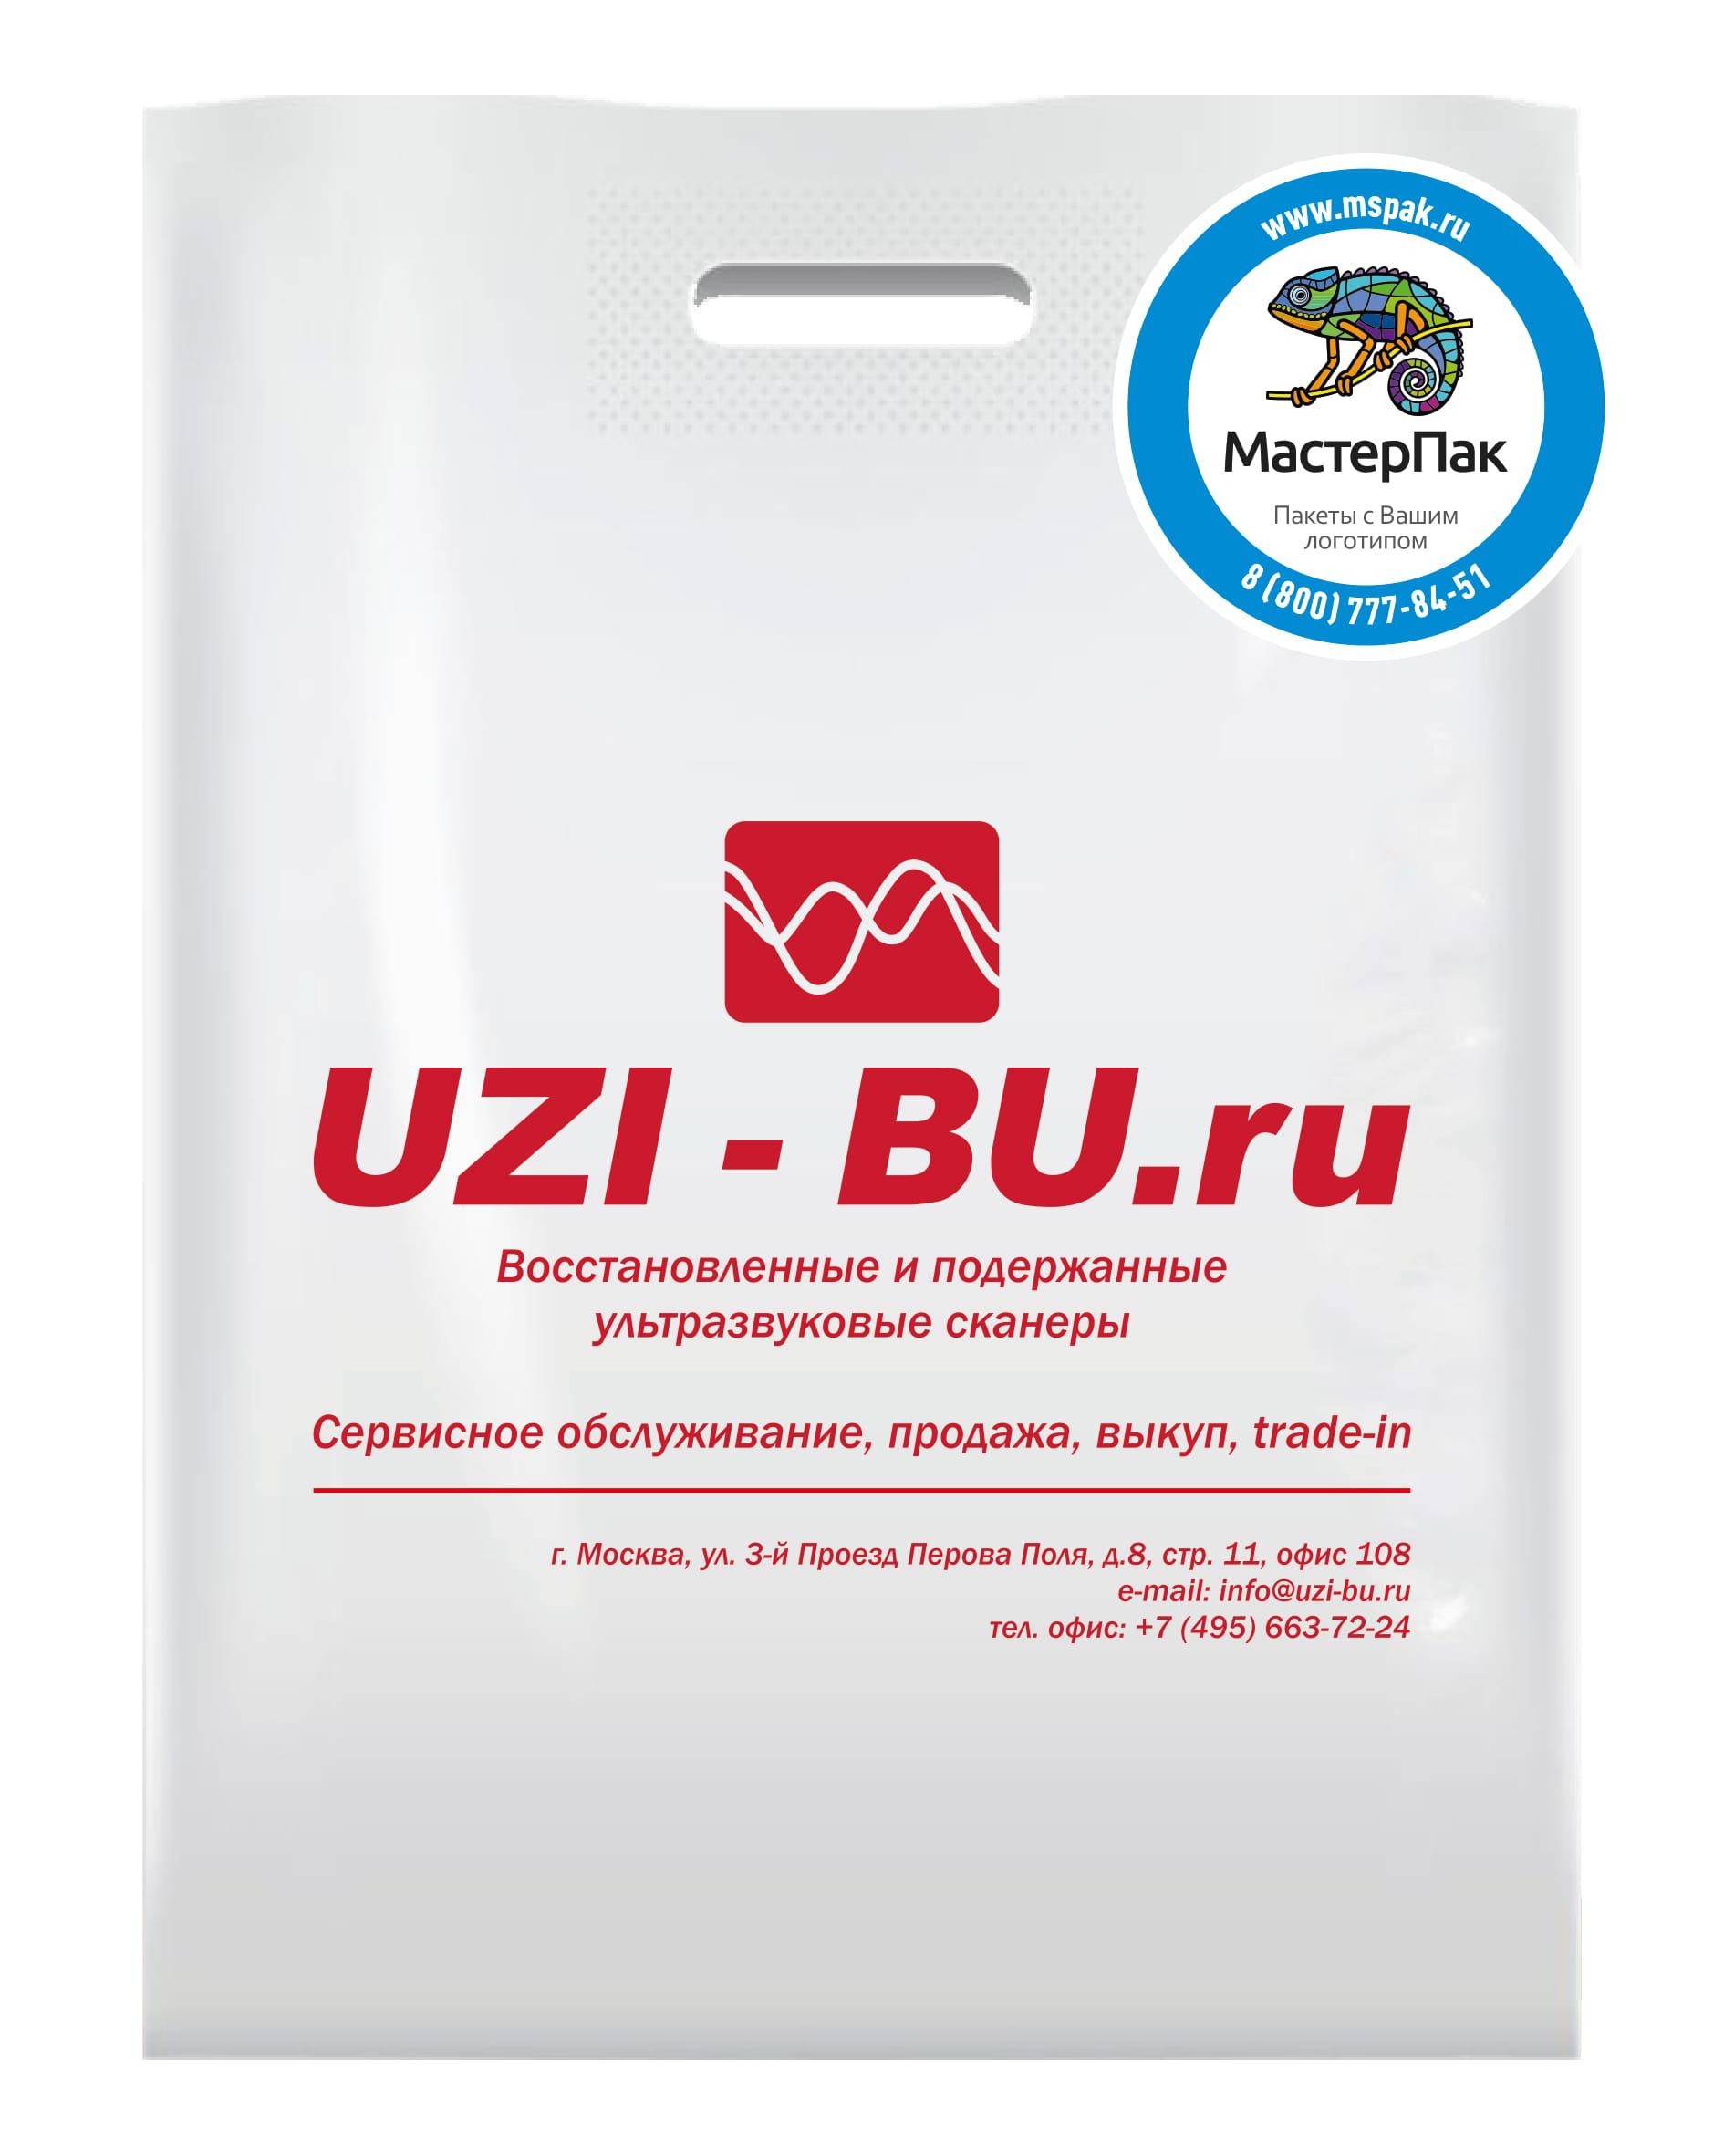 Пакет ПВД с логотипом UZI-BU.ru, Москва, 70 мкм, 30*40, белый